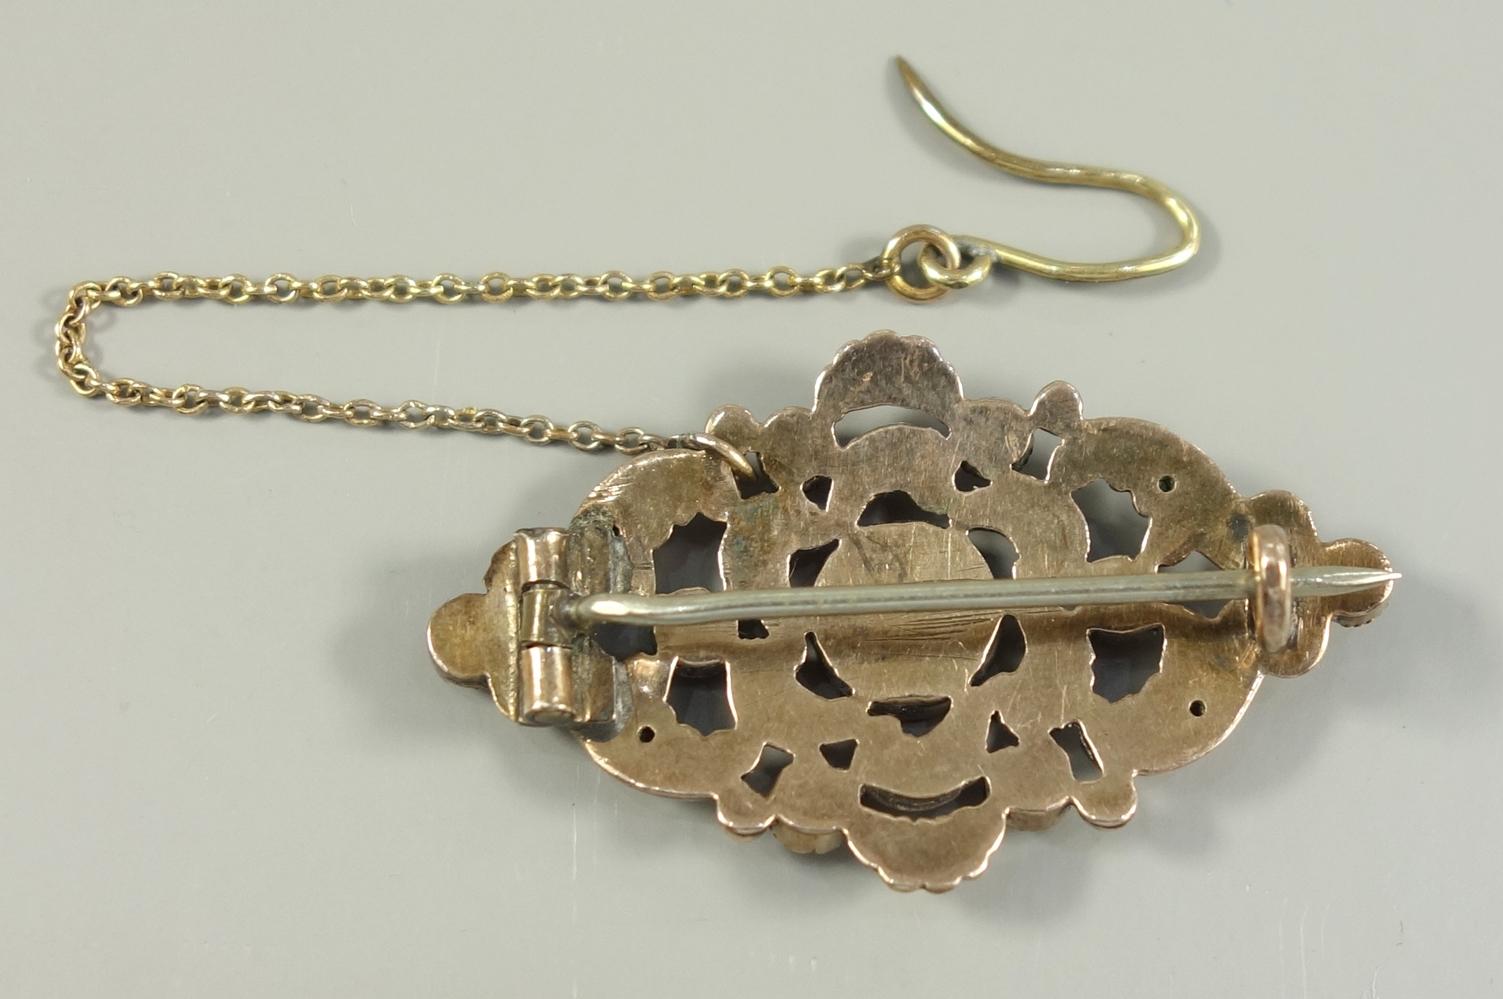 Granat-Amethyst-Brosche, Doublé, Ende 19.Jh., floral durchbrochen, mit Sicherheitskettchen, - Bild 2 aus 2